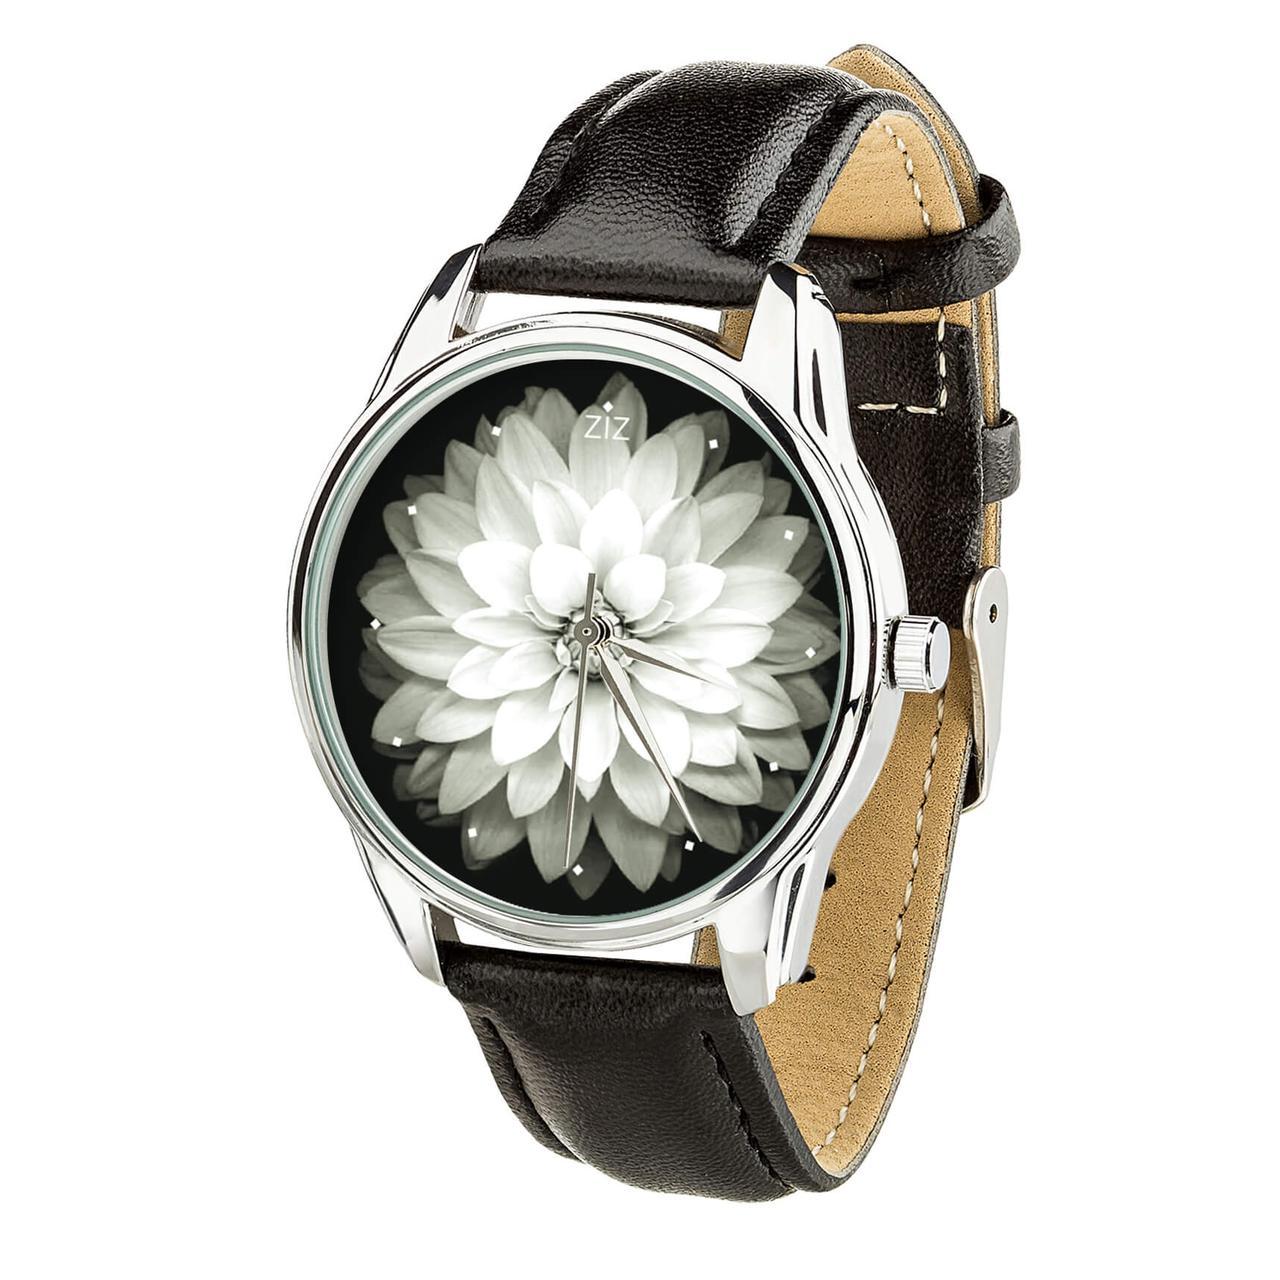 Часы ZIZ Астра (ремешок насыщенно - черный, серебро) + дополнительный ремешок